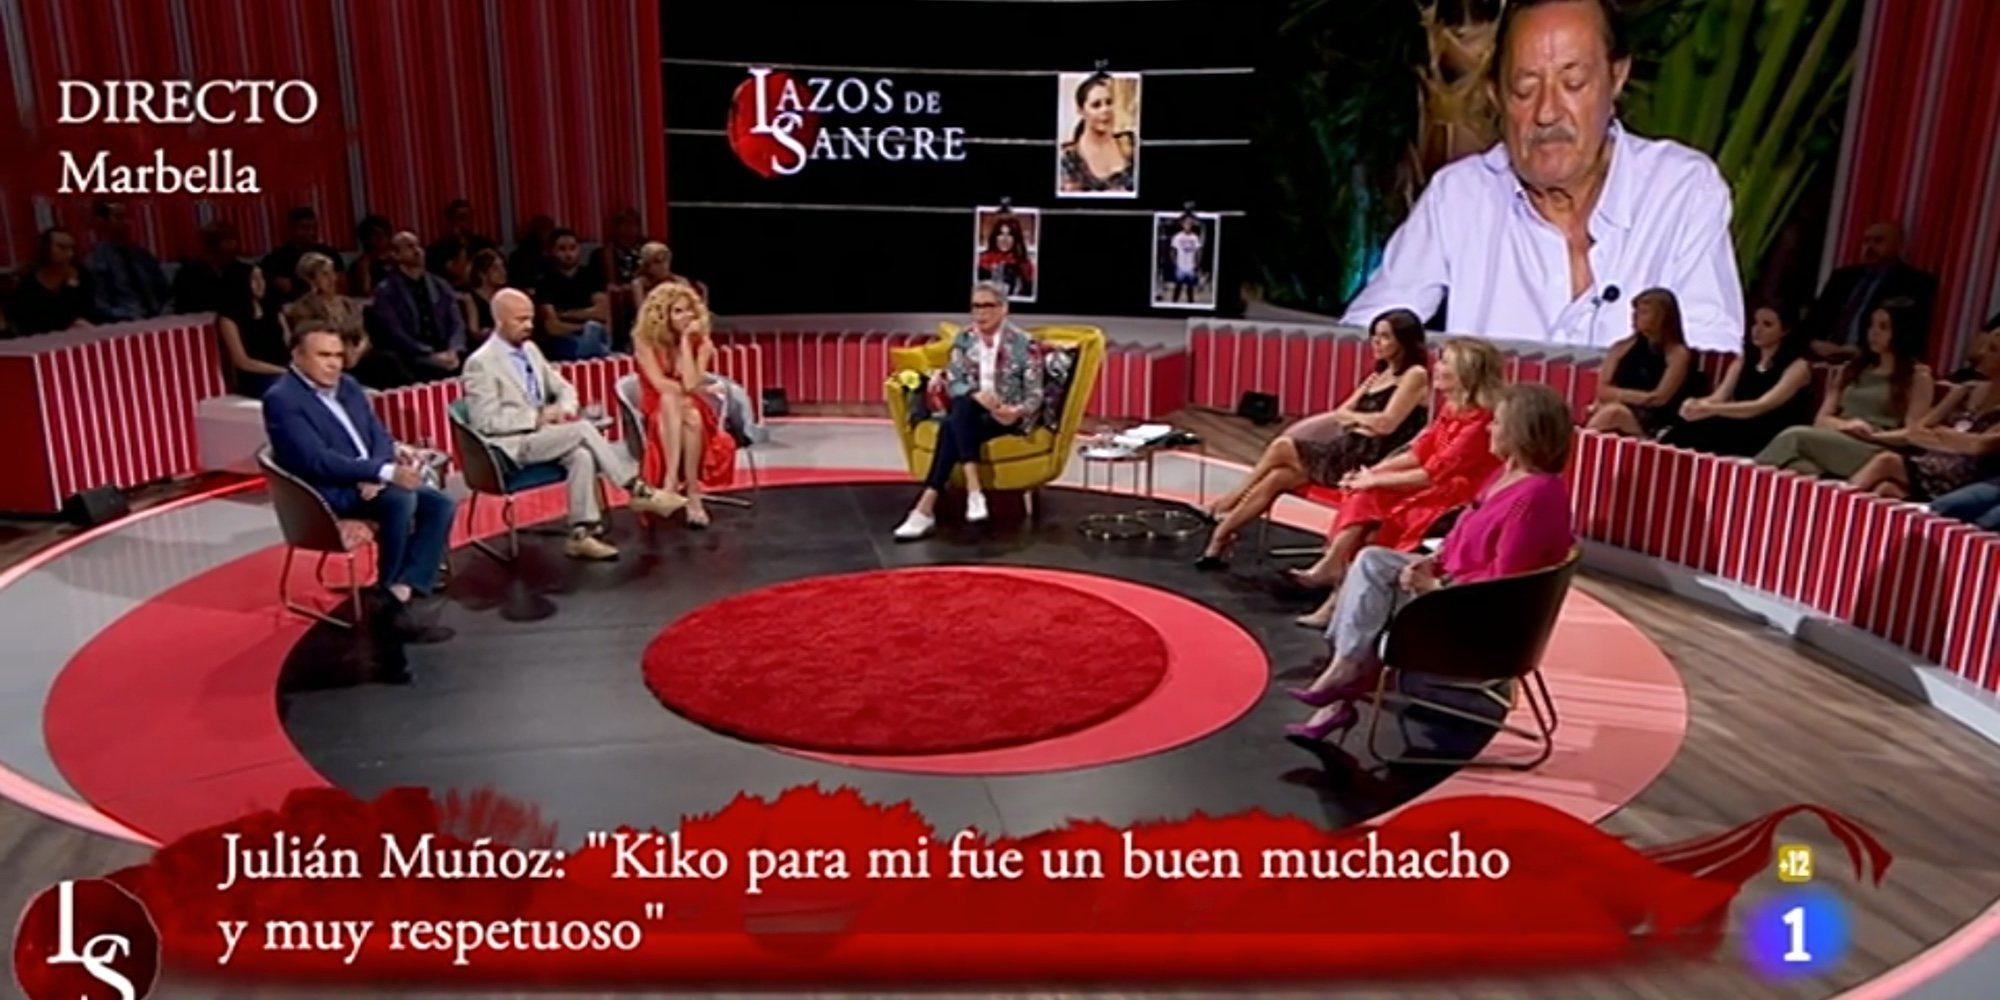 """El arrepentimiento de Julián Muñoz en 'Lazos de sangre': """"Isabel Pantoja fue un calentón"""""""